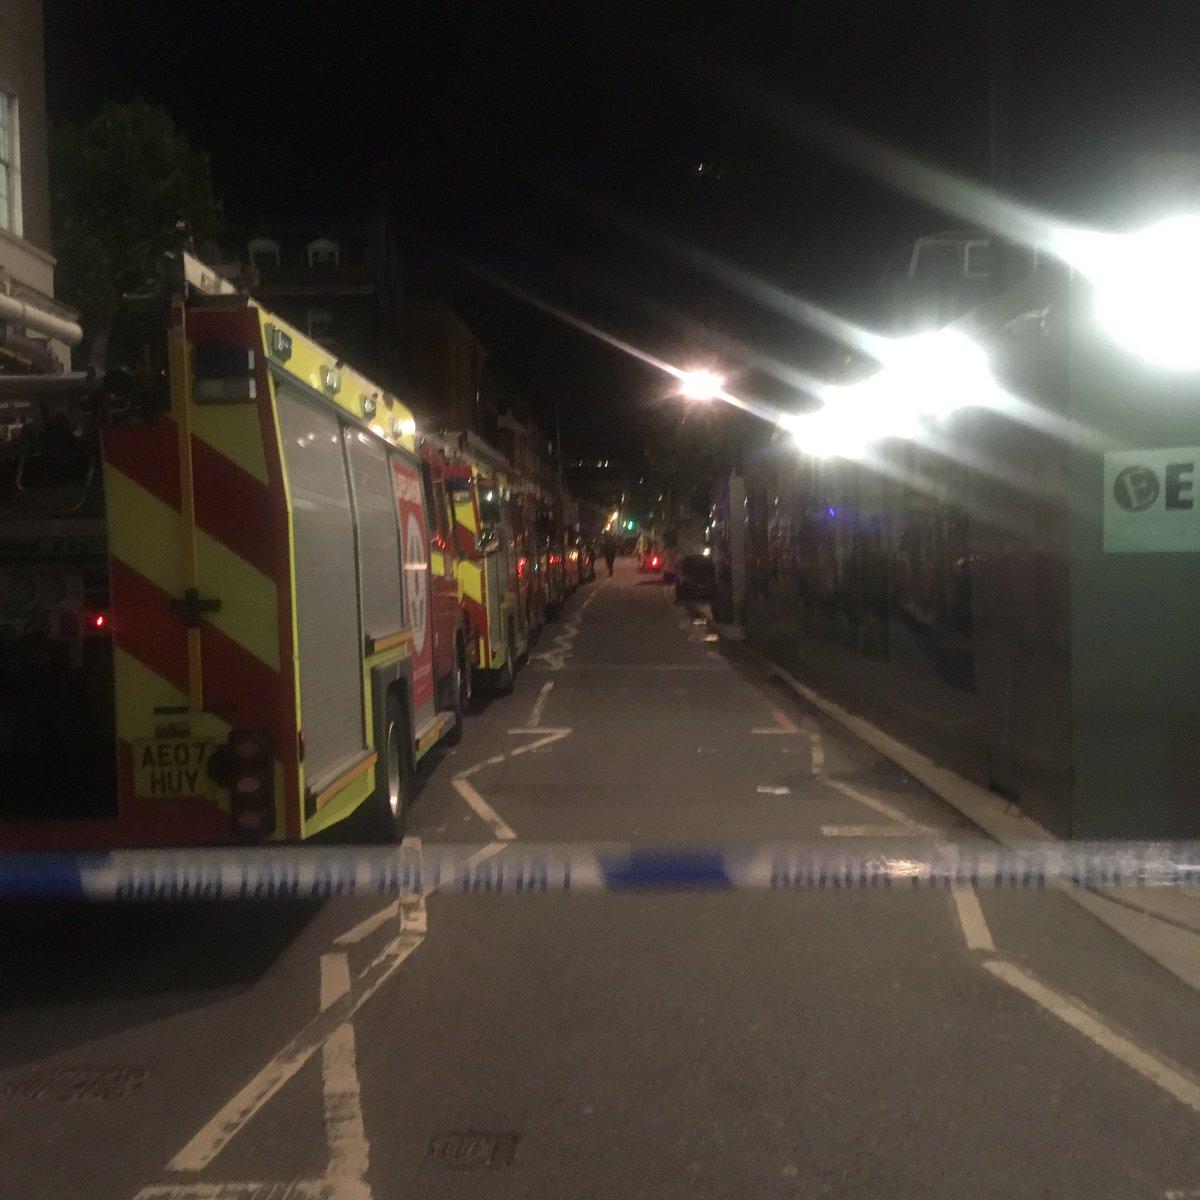 ingiltere haziran 2017 bombalı saldırı